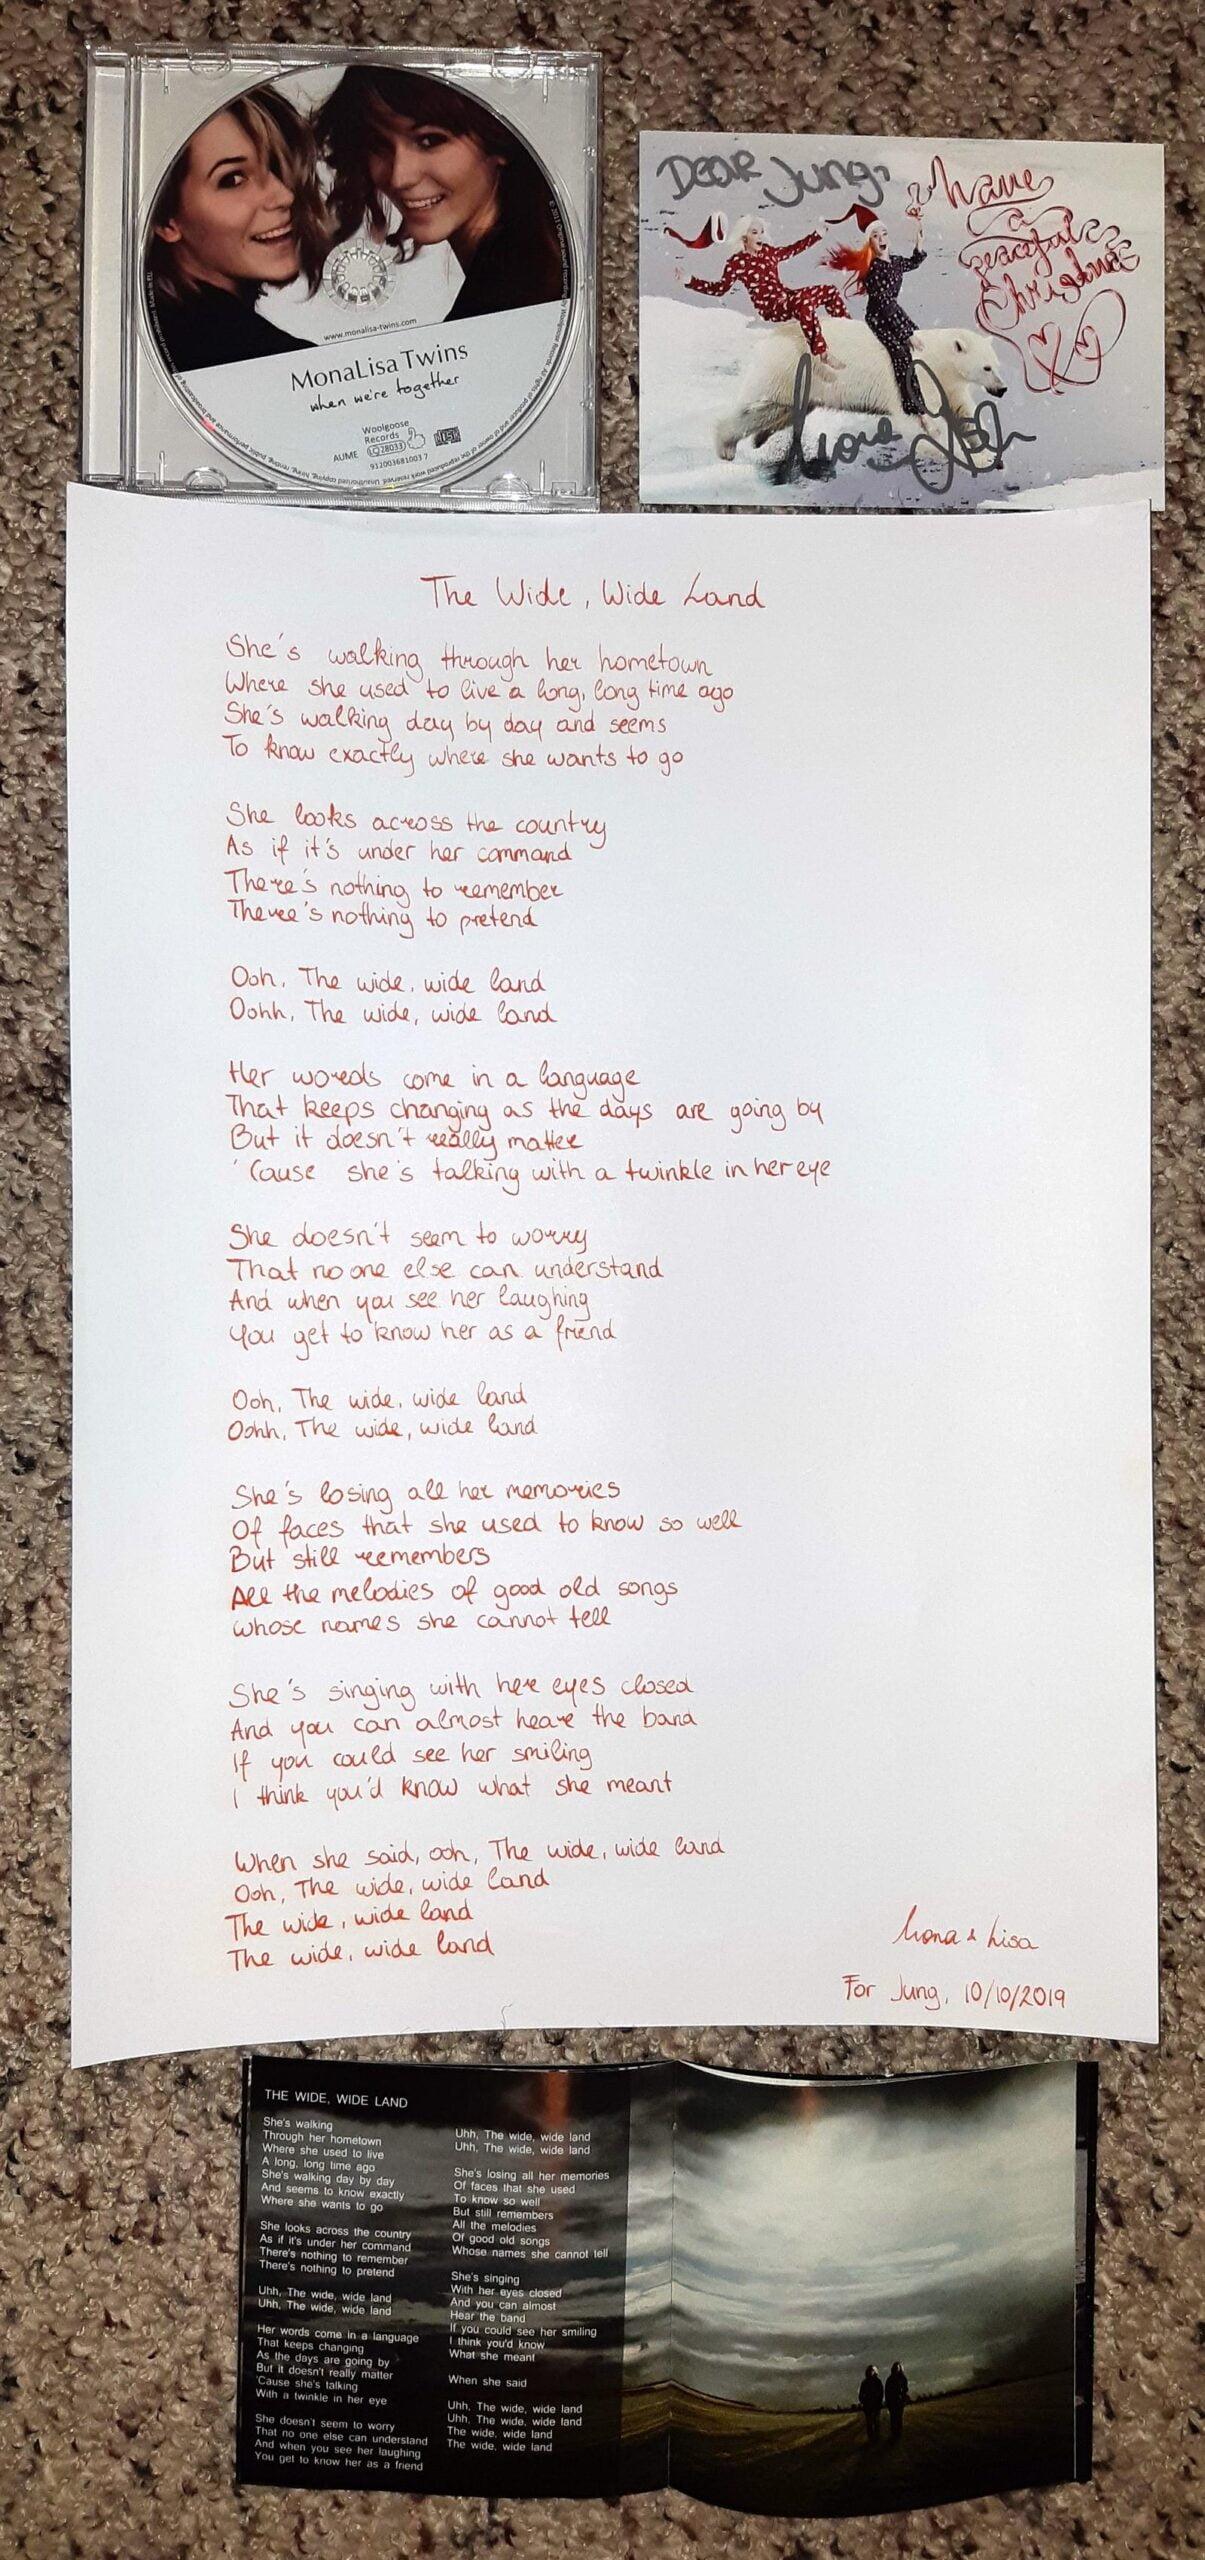 MLT lyrics and CD.jpg